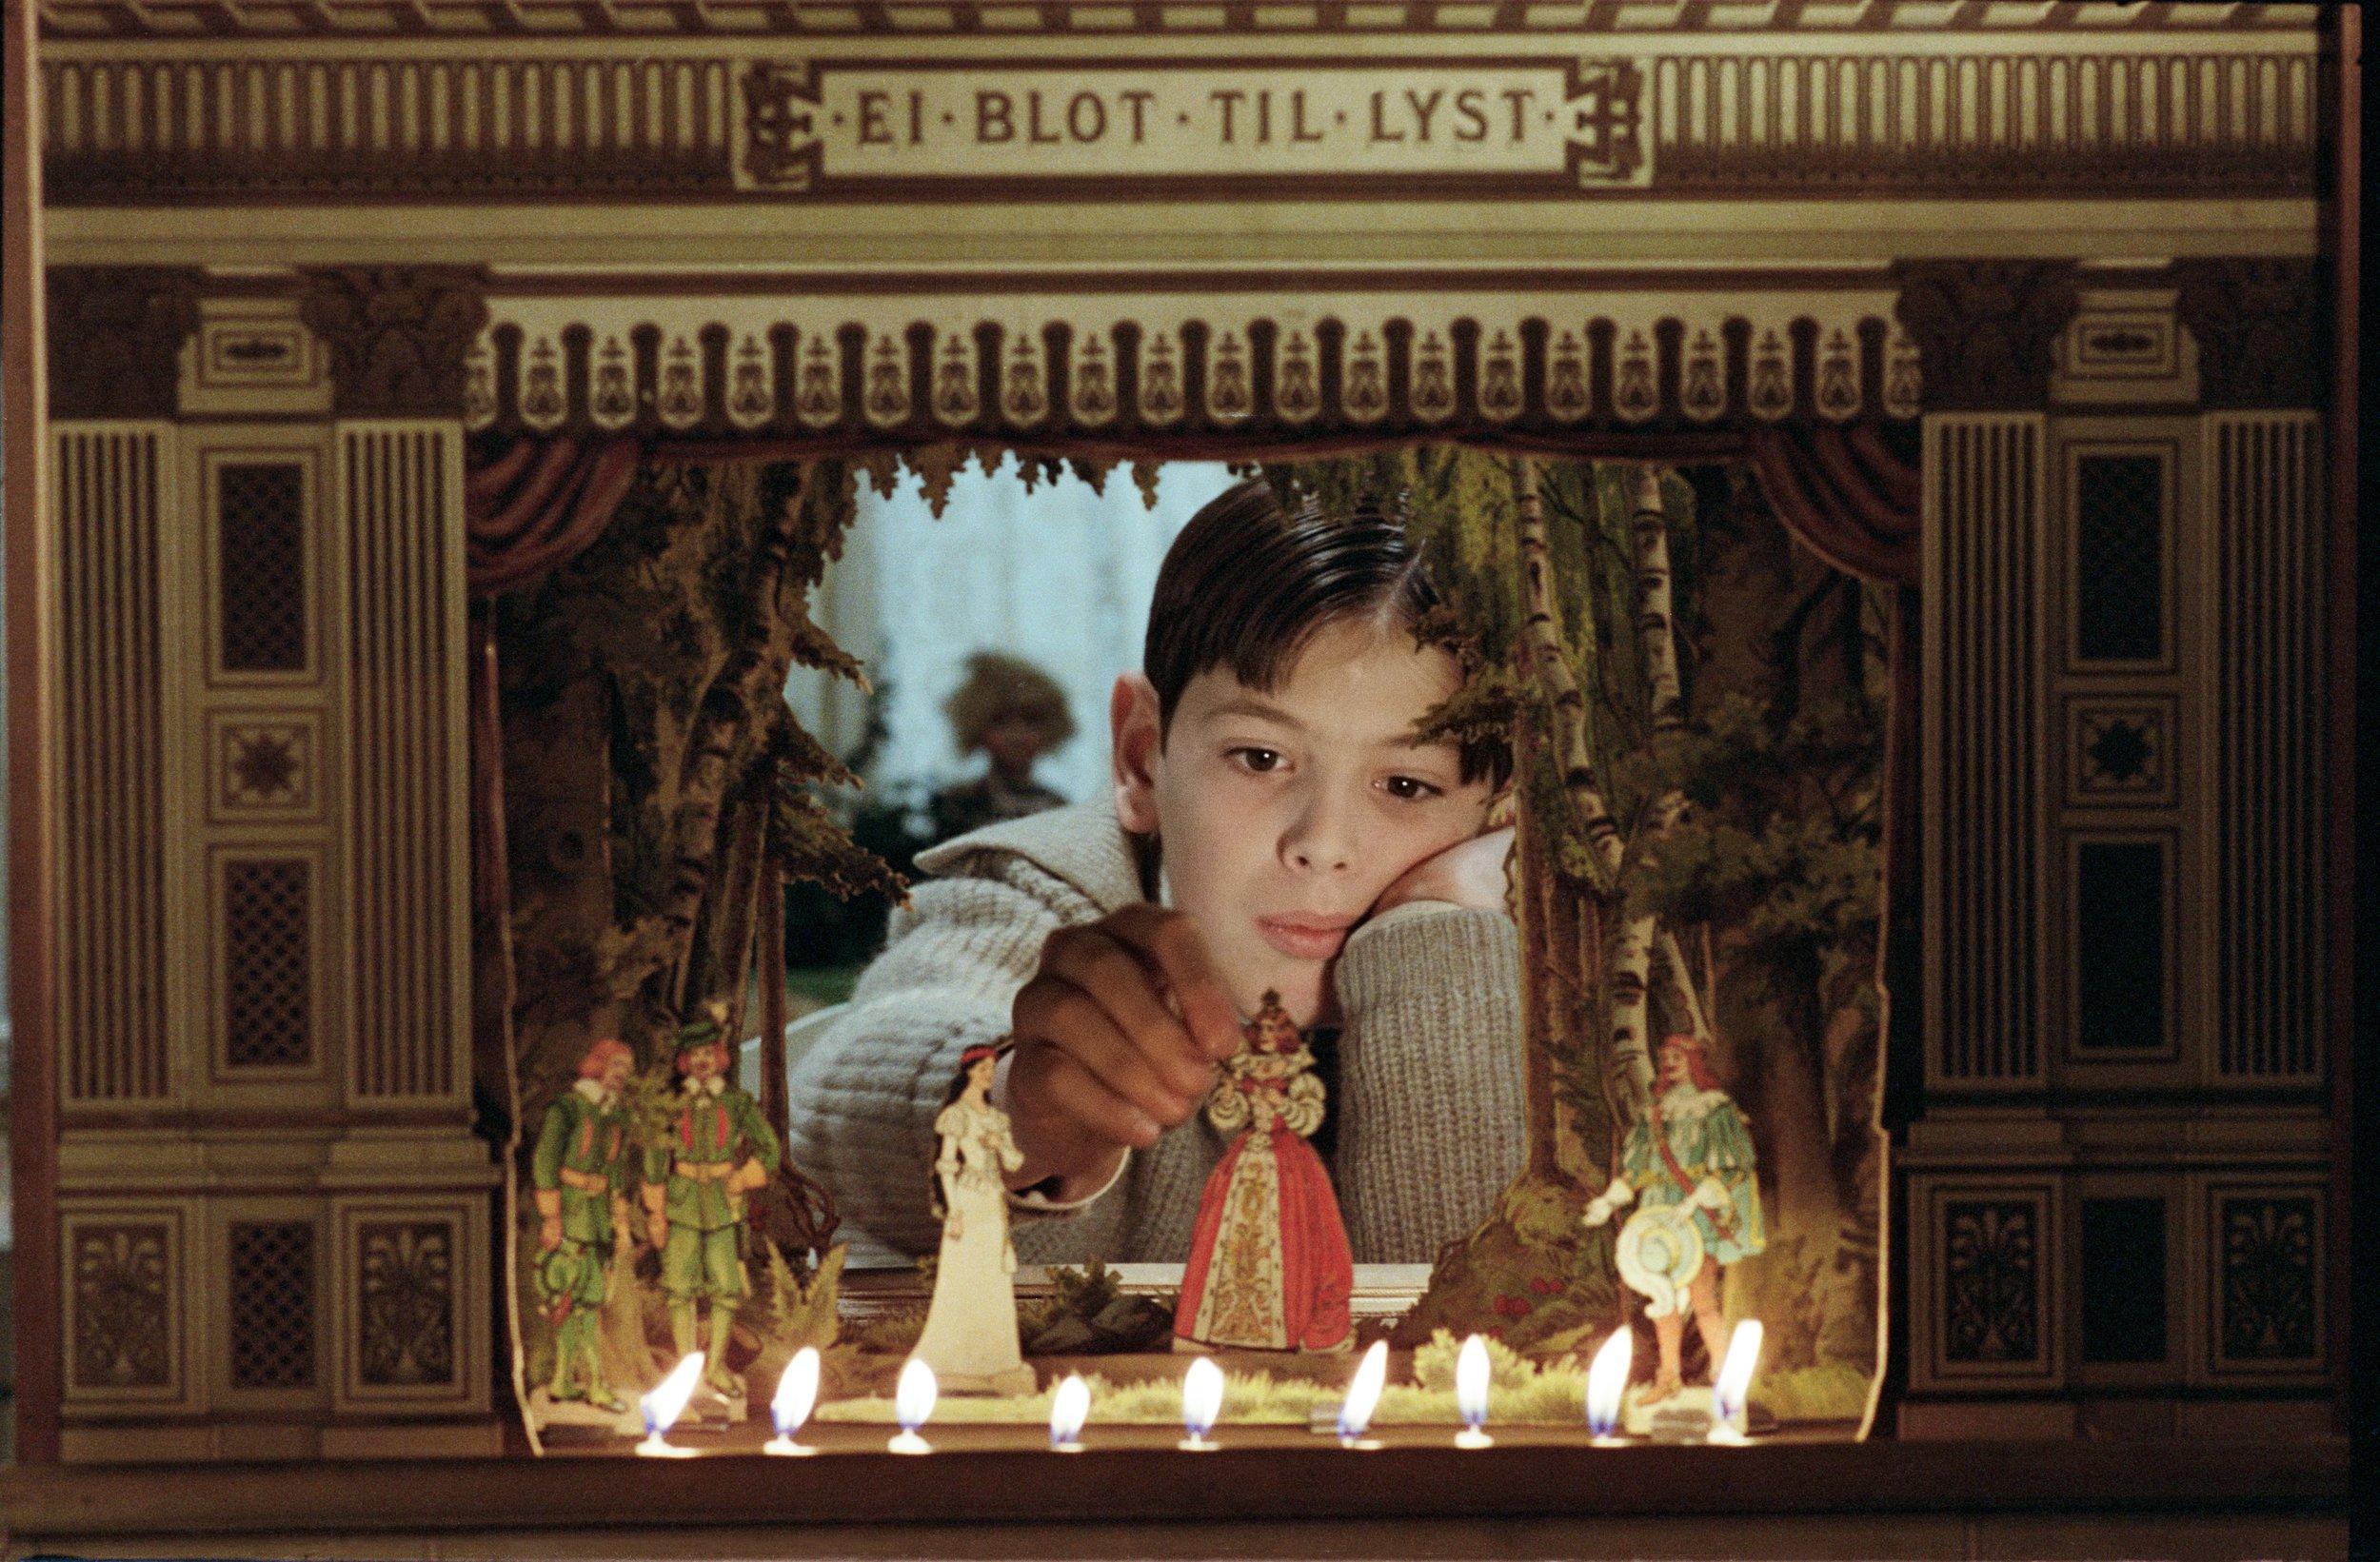 Ingmar Bergman tok sitt store oppgjør med barndomshjemmet i tv-serien  Fanny og Alexander  (1982).